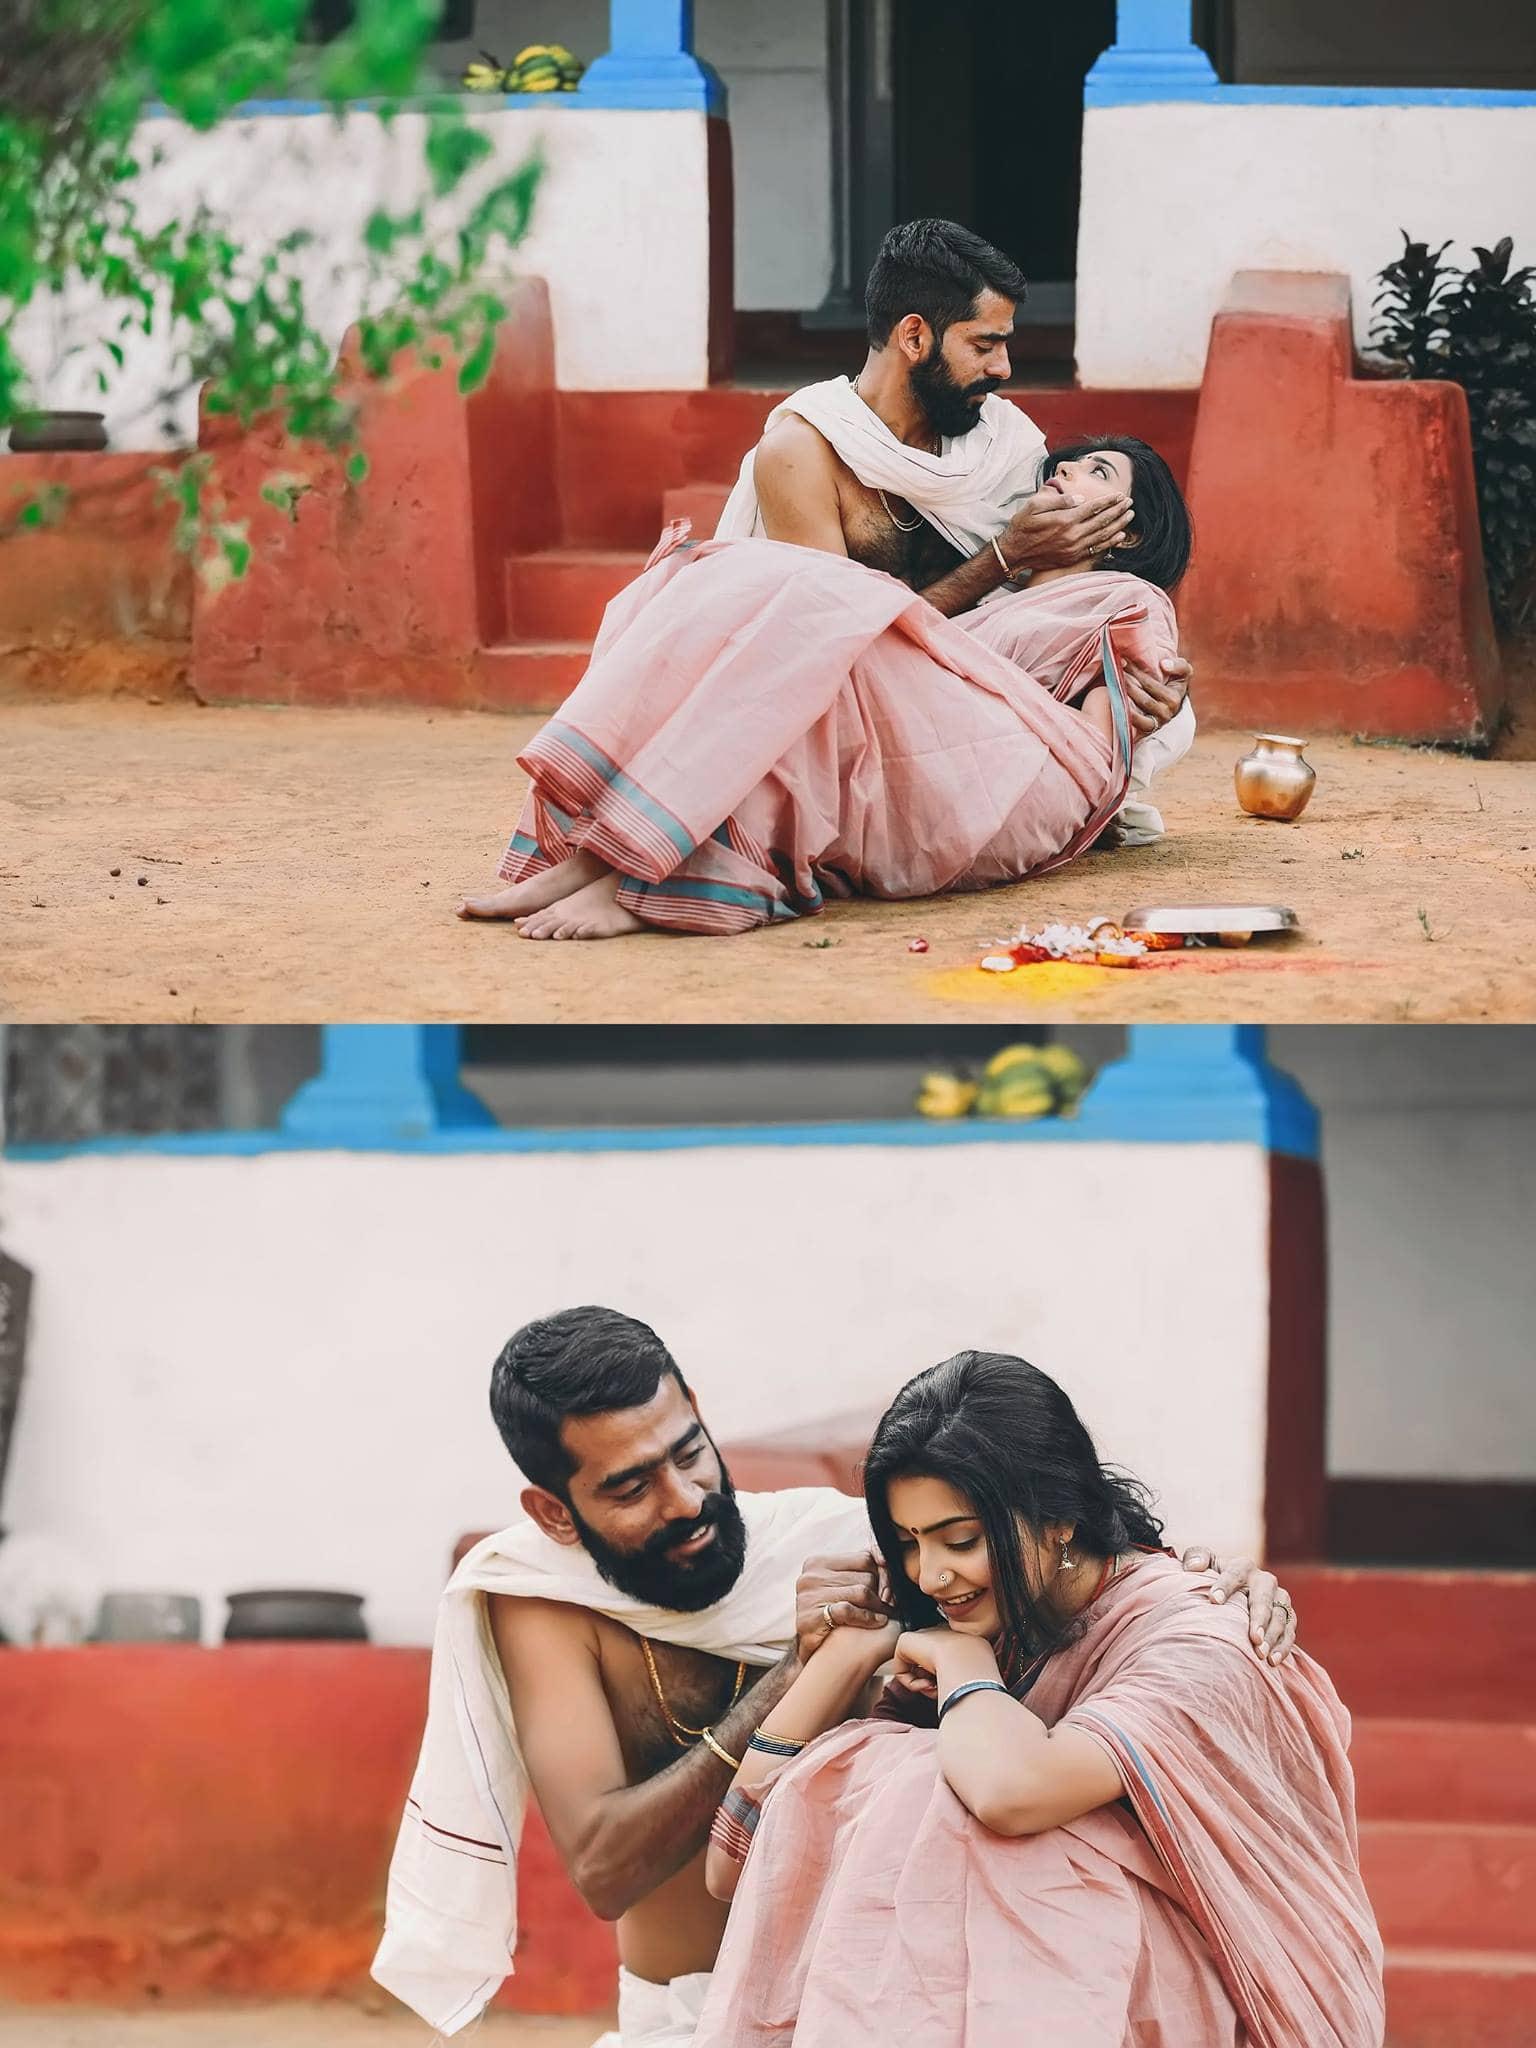 An-Award-winning-photo-story-Avani-By-Arjun-Kamath-23